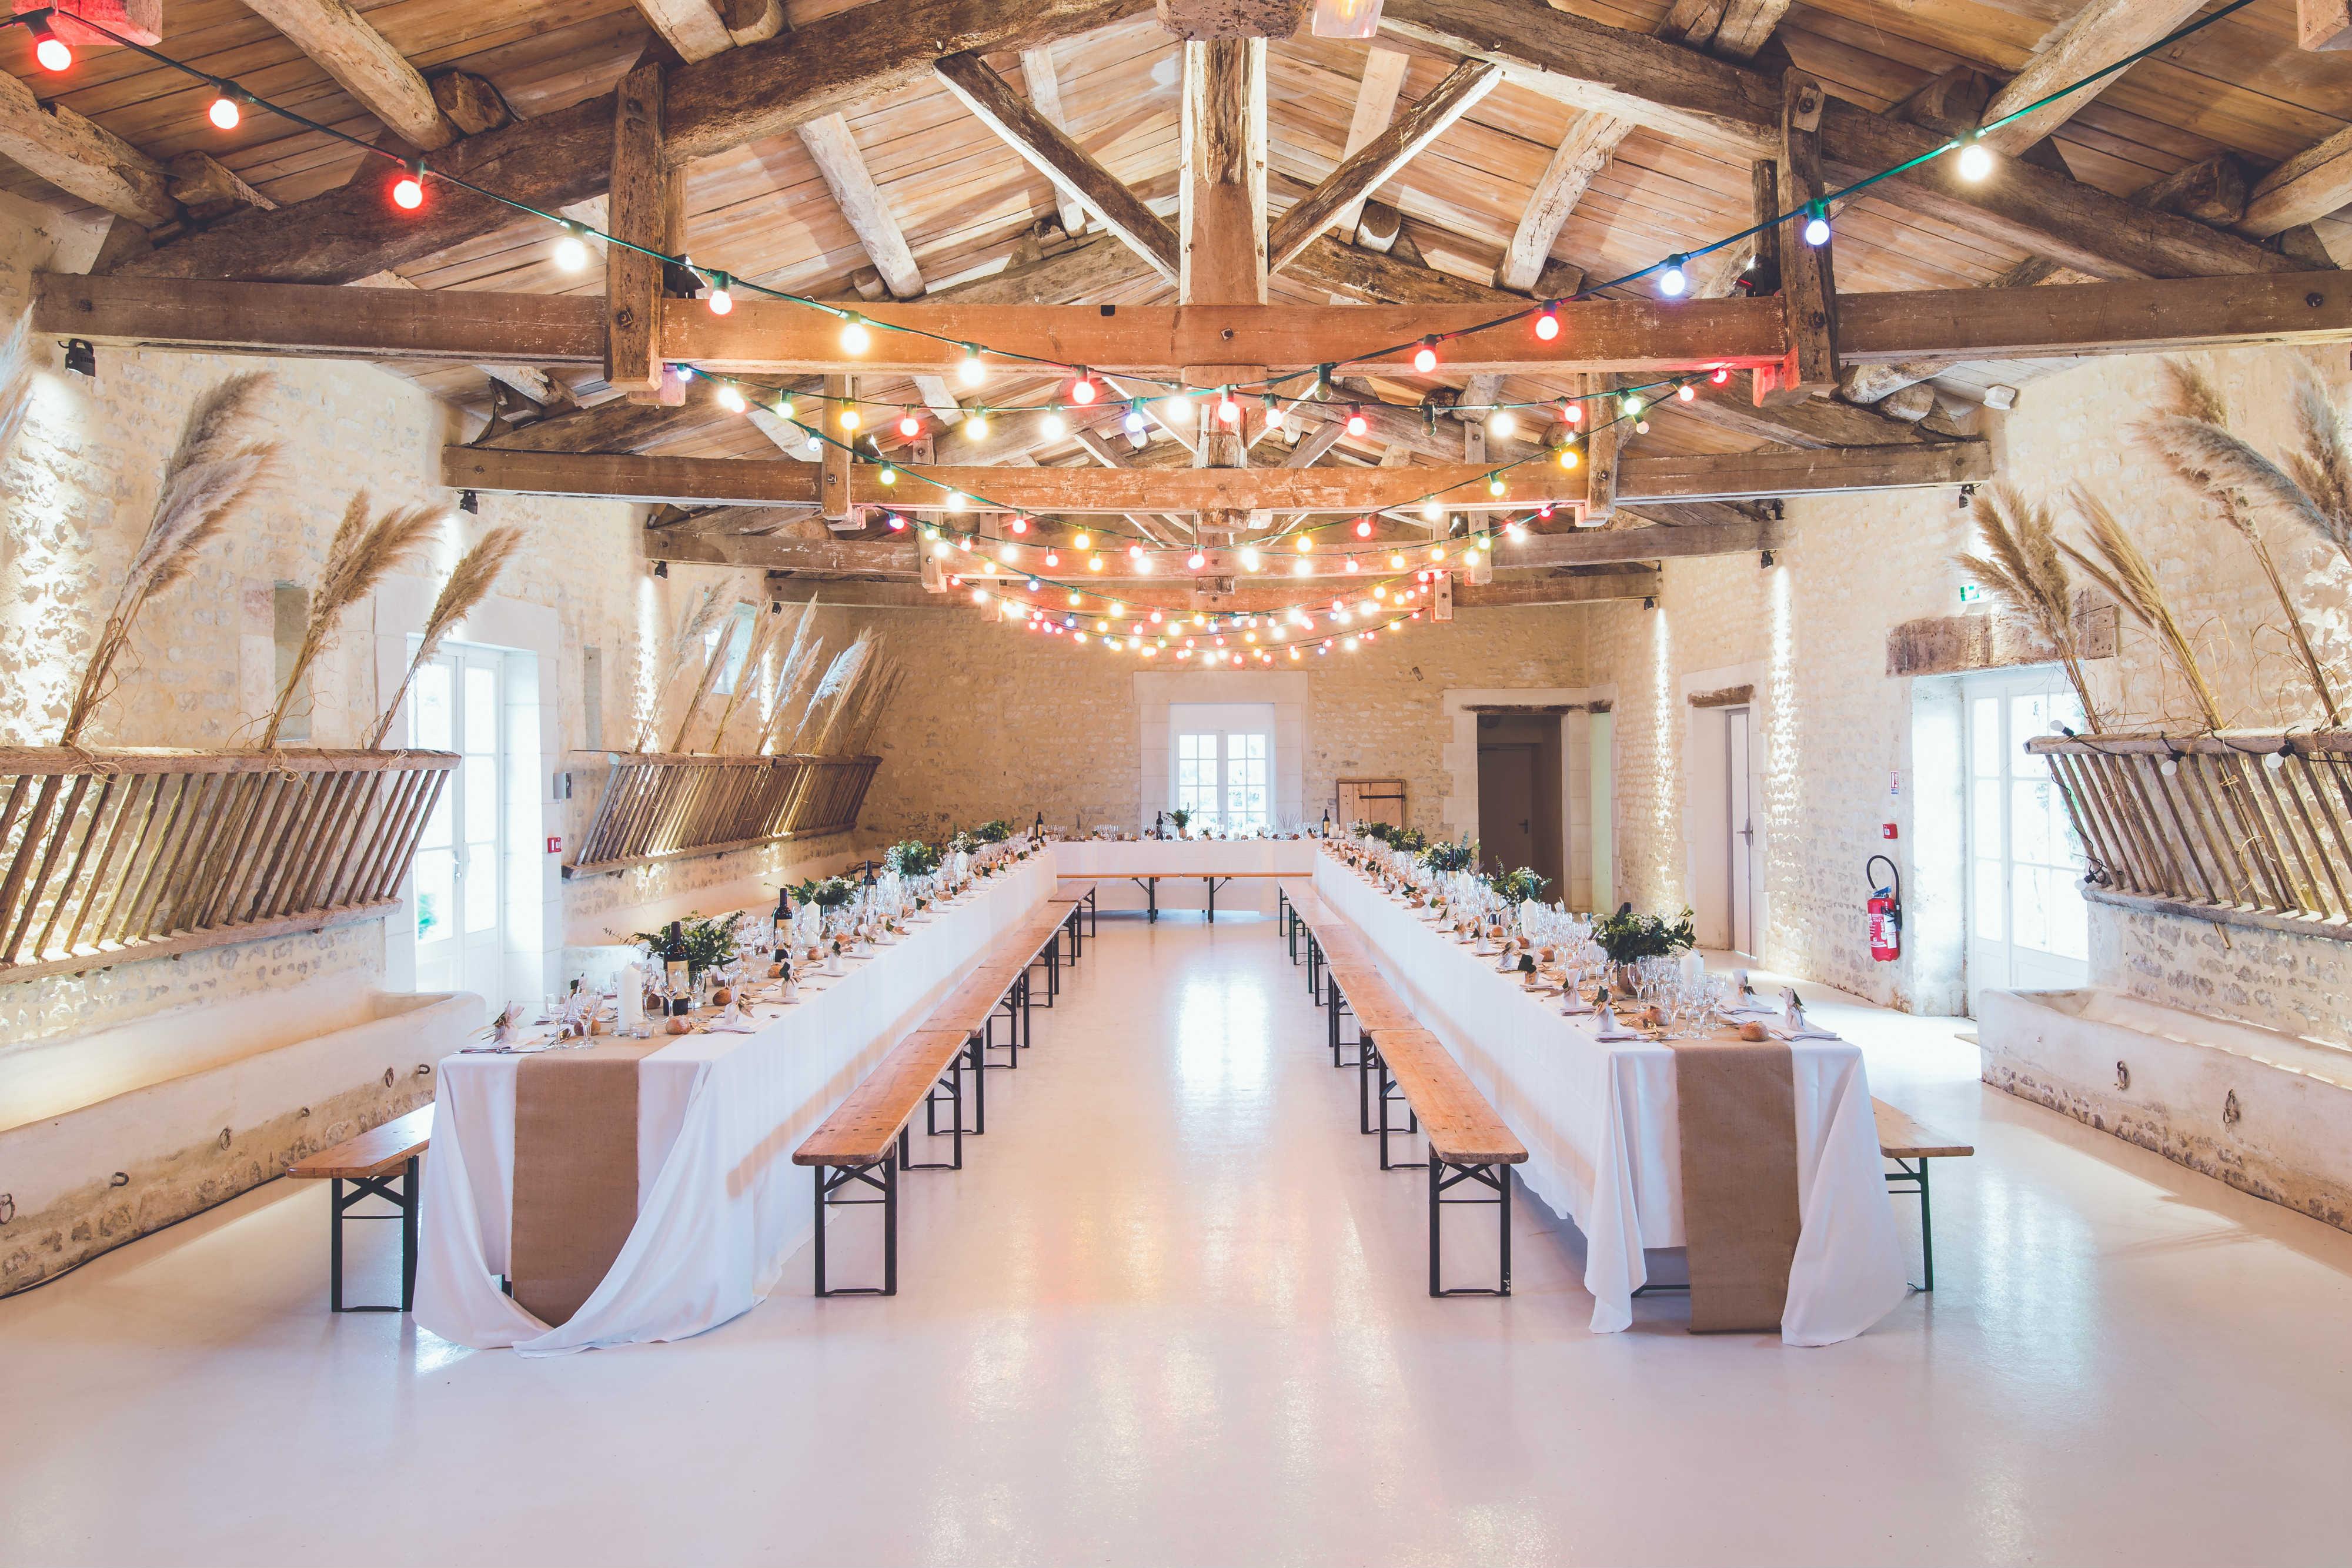 Trouver une salle de mariage qui vous ressemble : mode d'emploi !